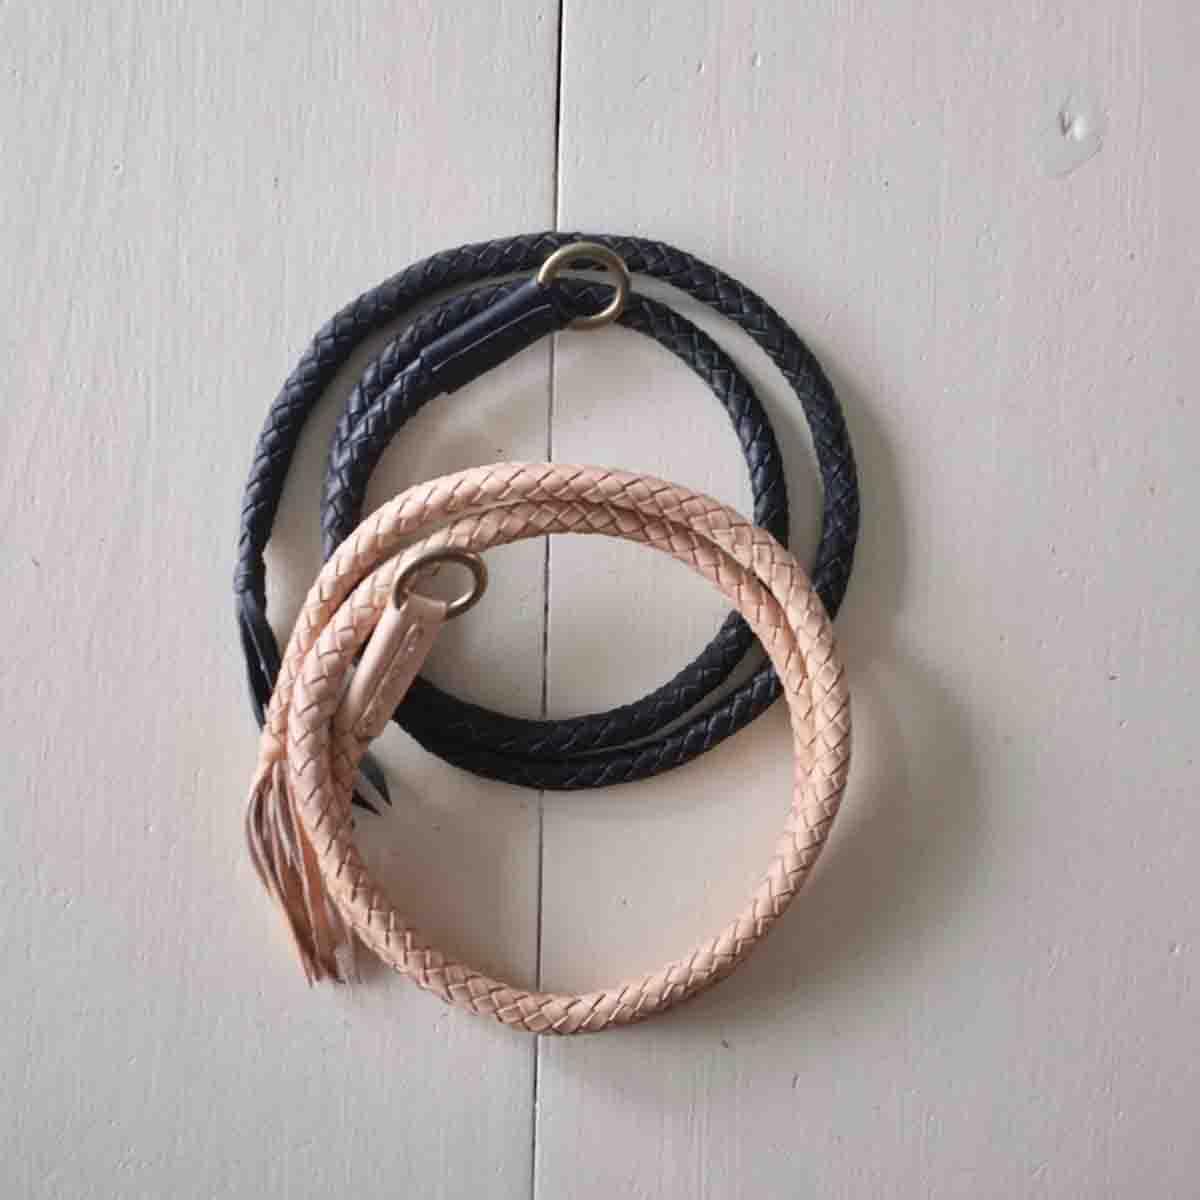 The Superior Labor シュペリオールレイバー blade leather belt ブレイドレザーベルト 2 colors